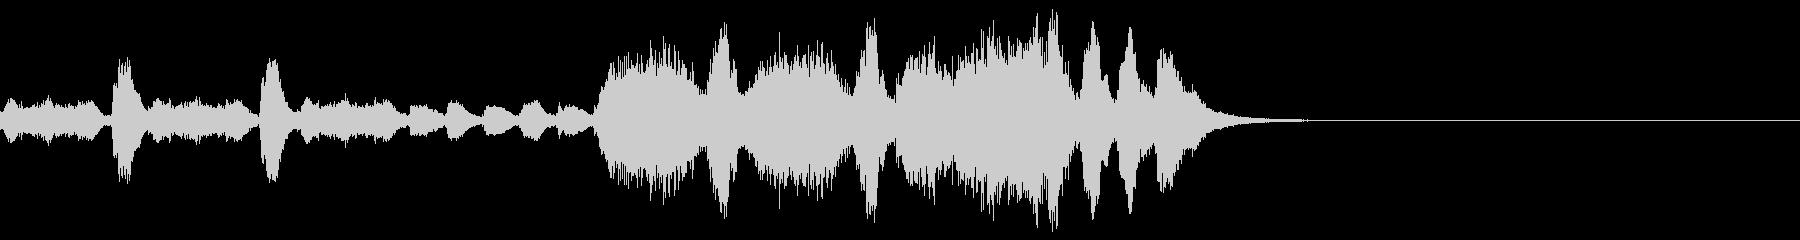 管弦楽による軽快でコミカルなジングルの未再生の波形